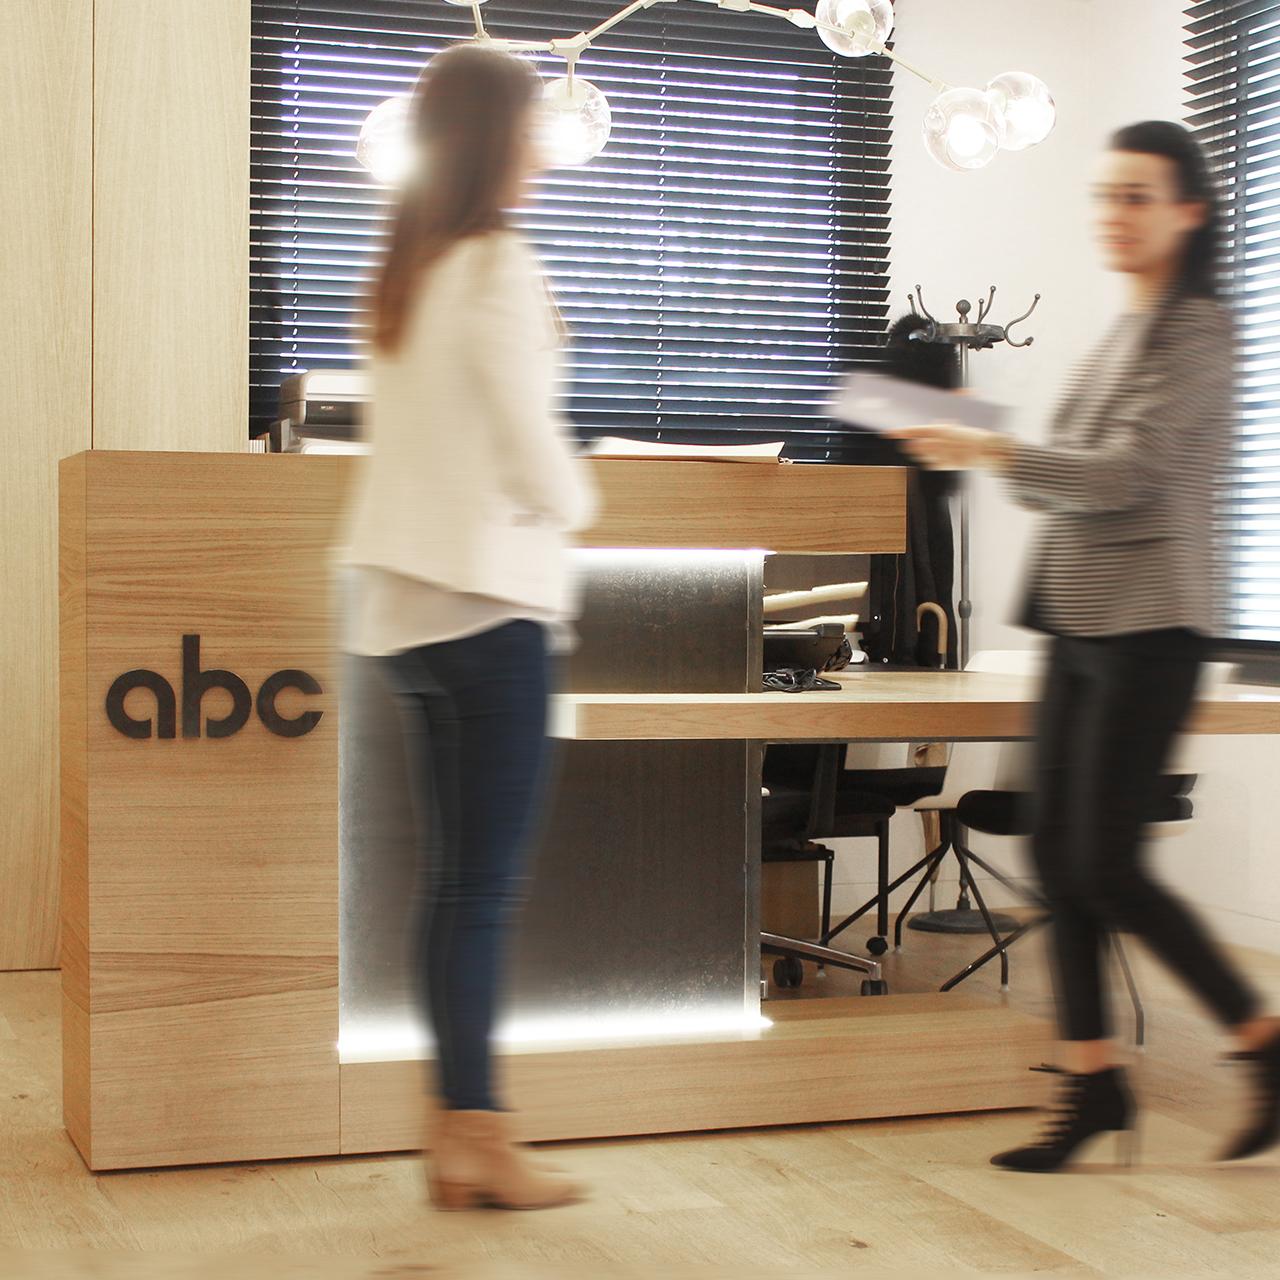 http://grupoabc.es/wp-content/uploads/2018/01/grupo-abc-abogados-asesoria-vigo-mostrador-01.jpg